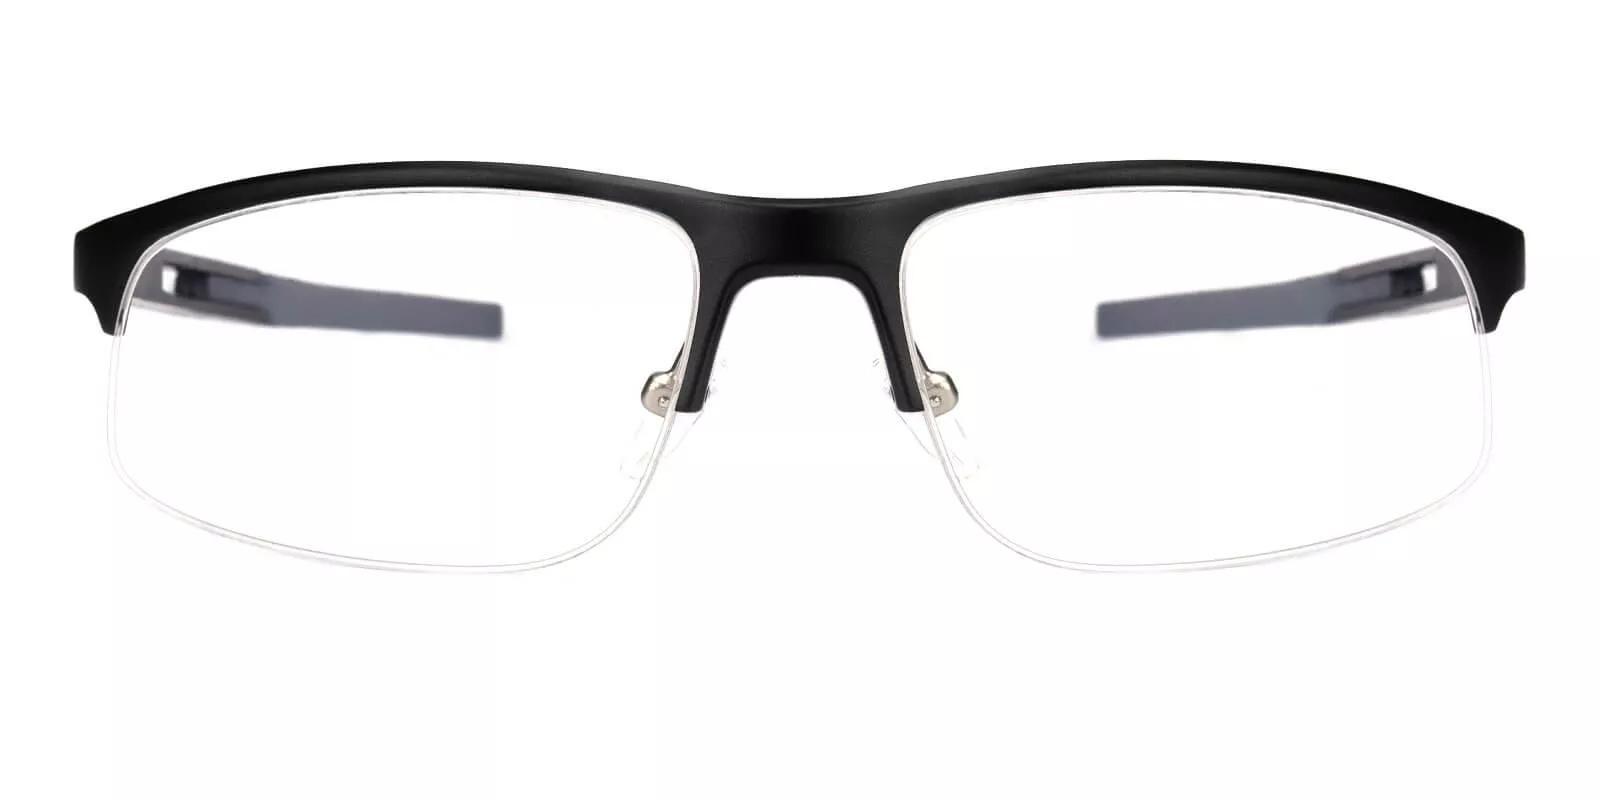 Greyson Black Metal Eyeglasses , NosePads , SportsGlasses , SpringHinges Frames from ABBE Glasses